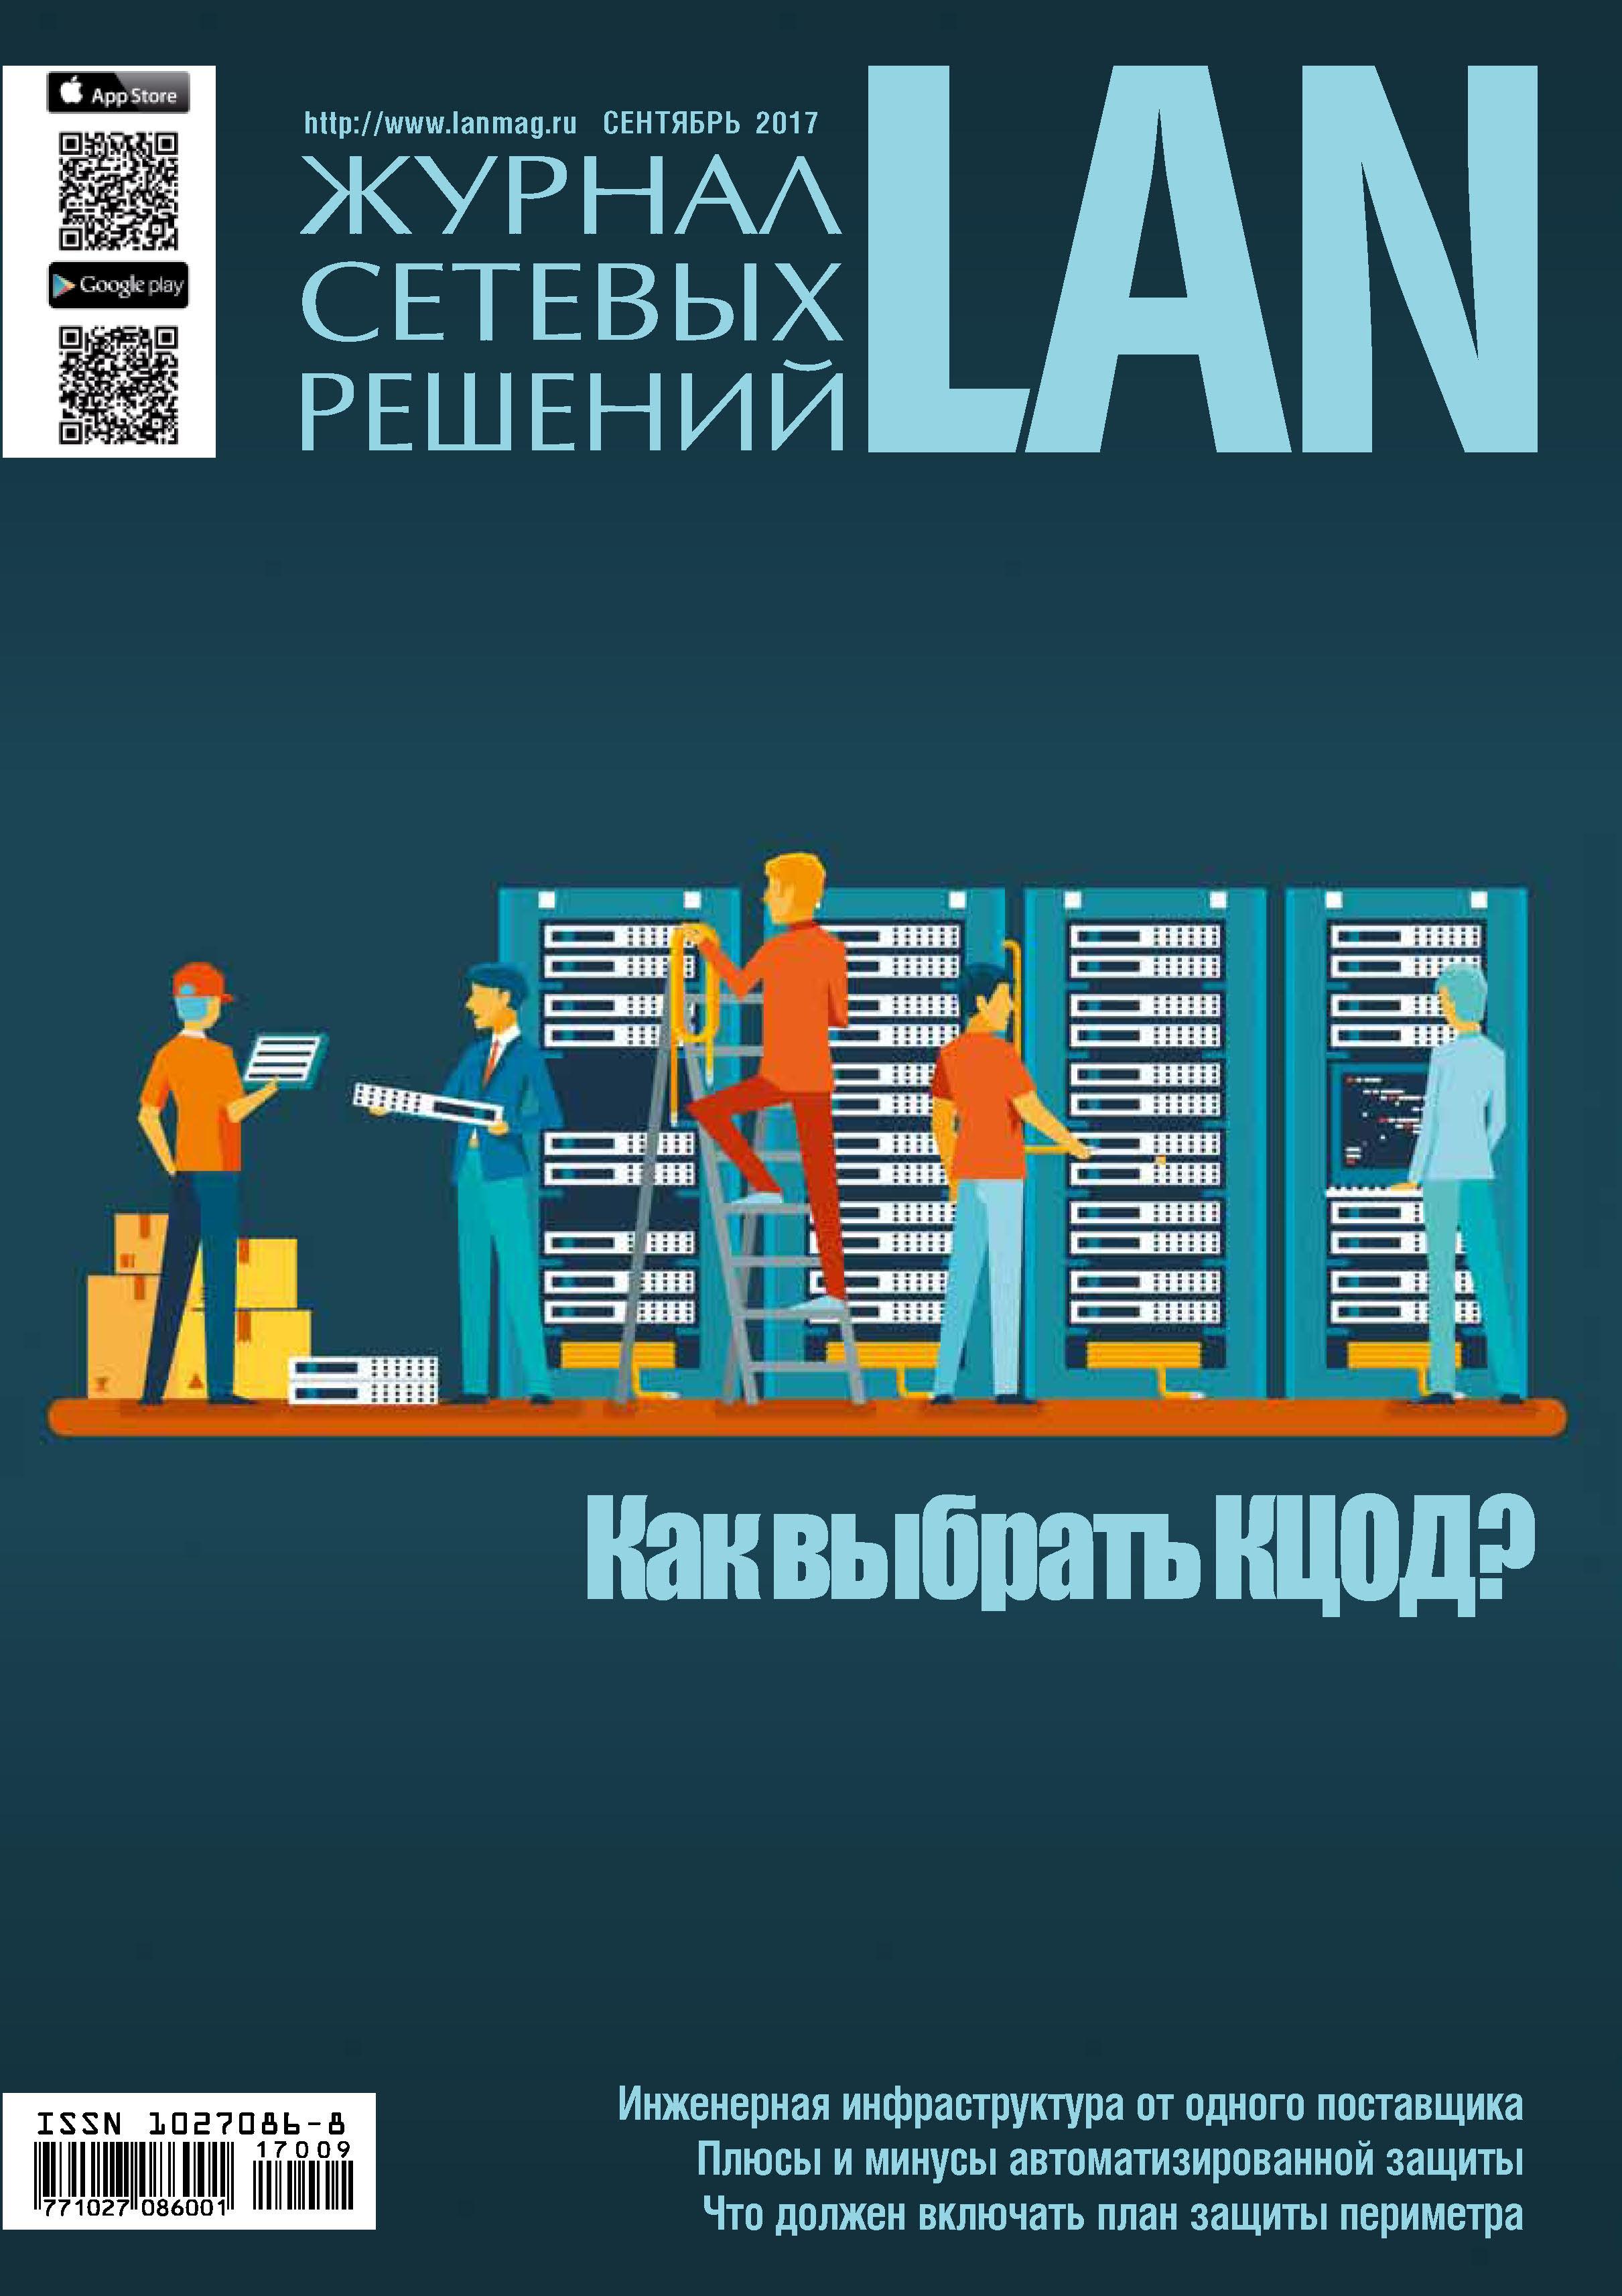 Открытые системы Журнал сетевых решений / LAN №09/2017 цены онлайн